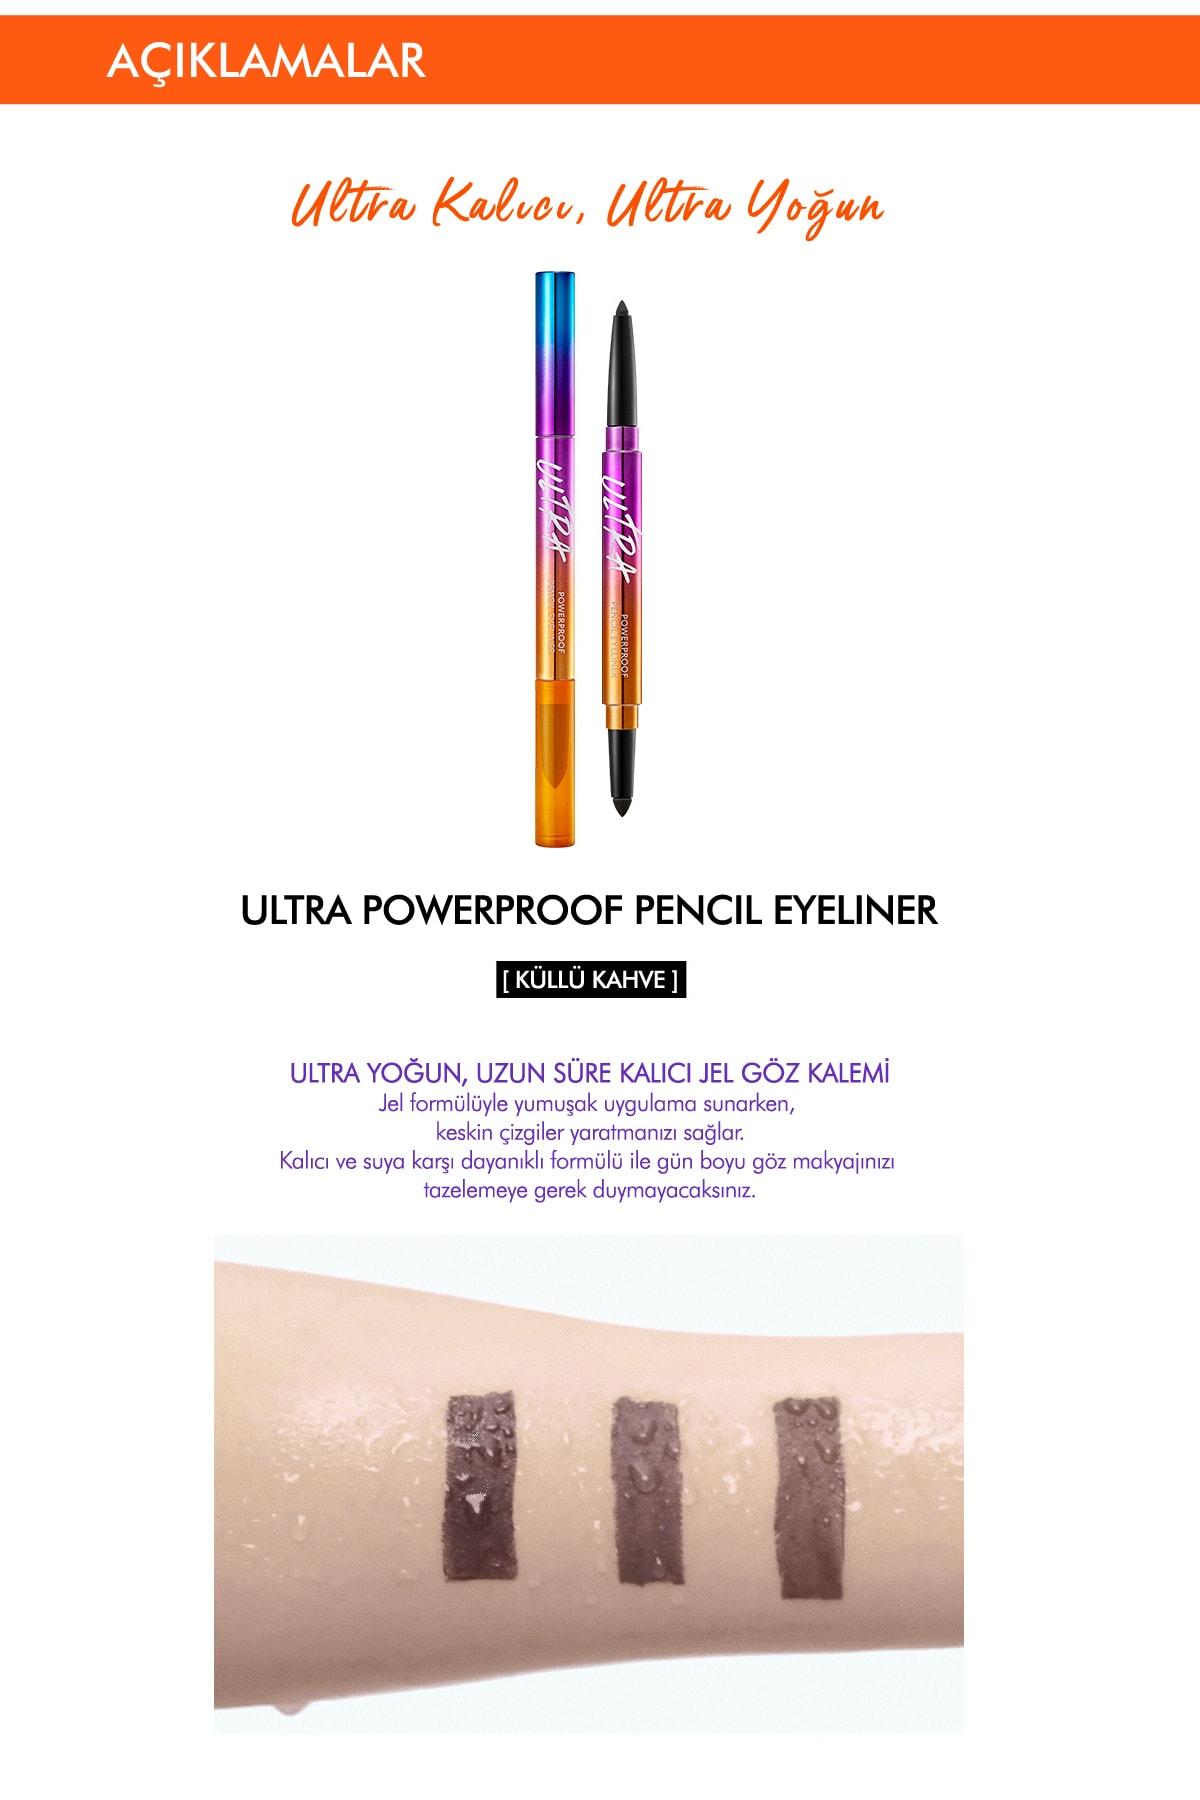 Missha Suya Dayanıklı Kalıcı Jel Göz Kalemi Ultra Powerproof Pencil Eyeliner Ash Brown 1